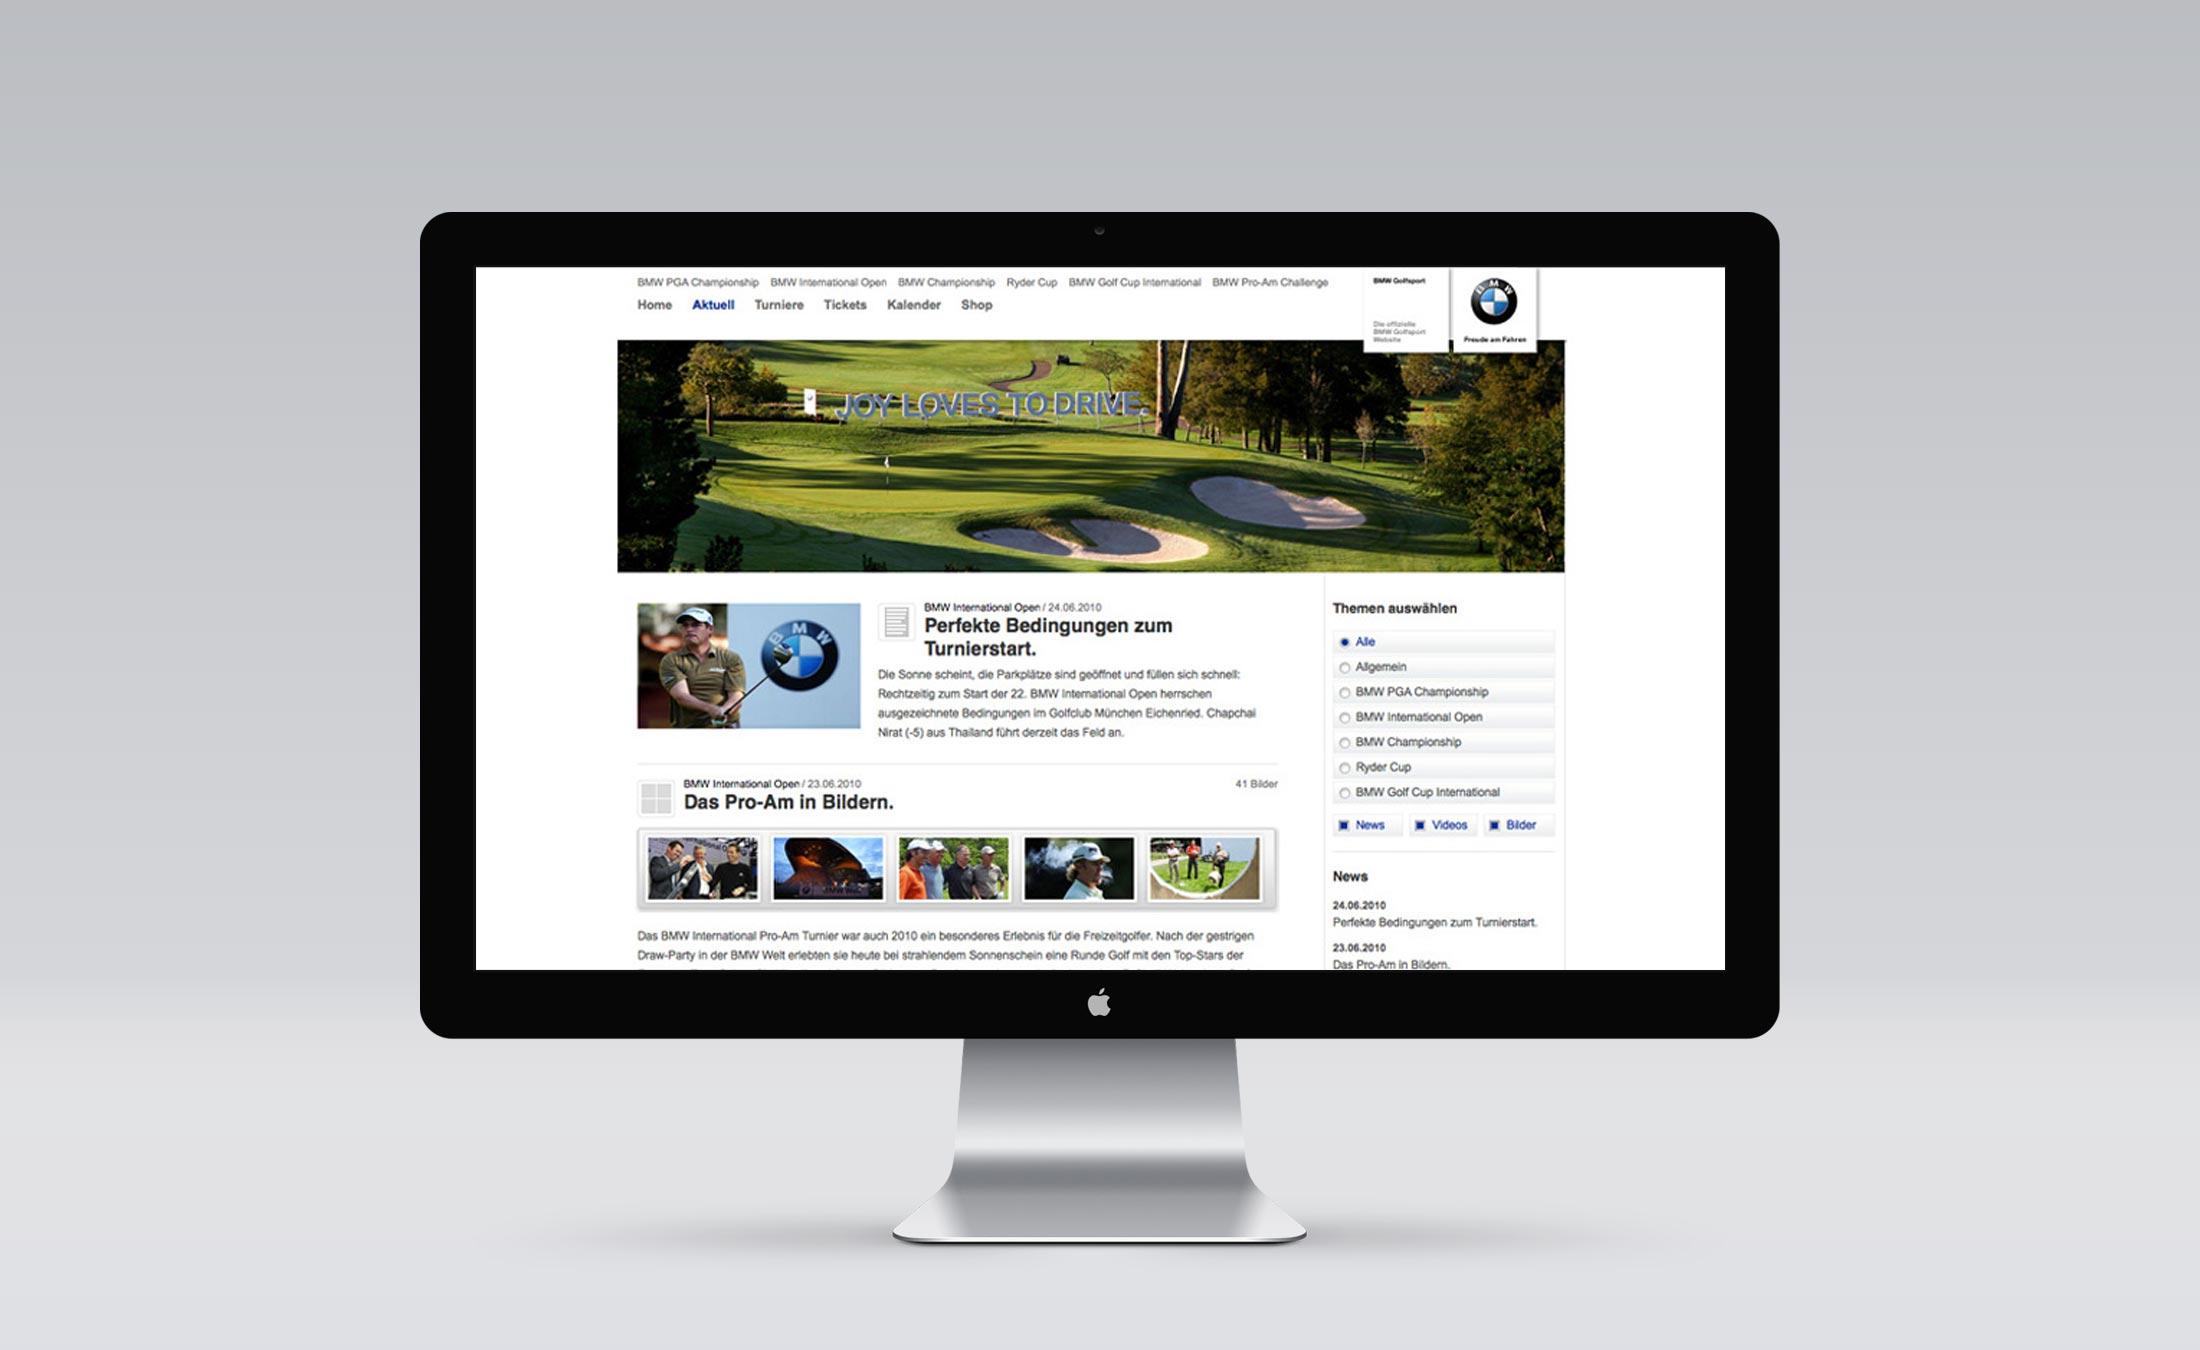 BMW Golfsport Screen 2